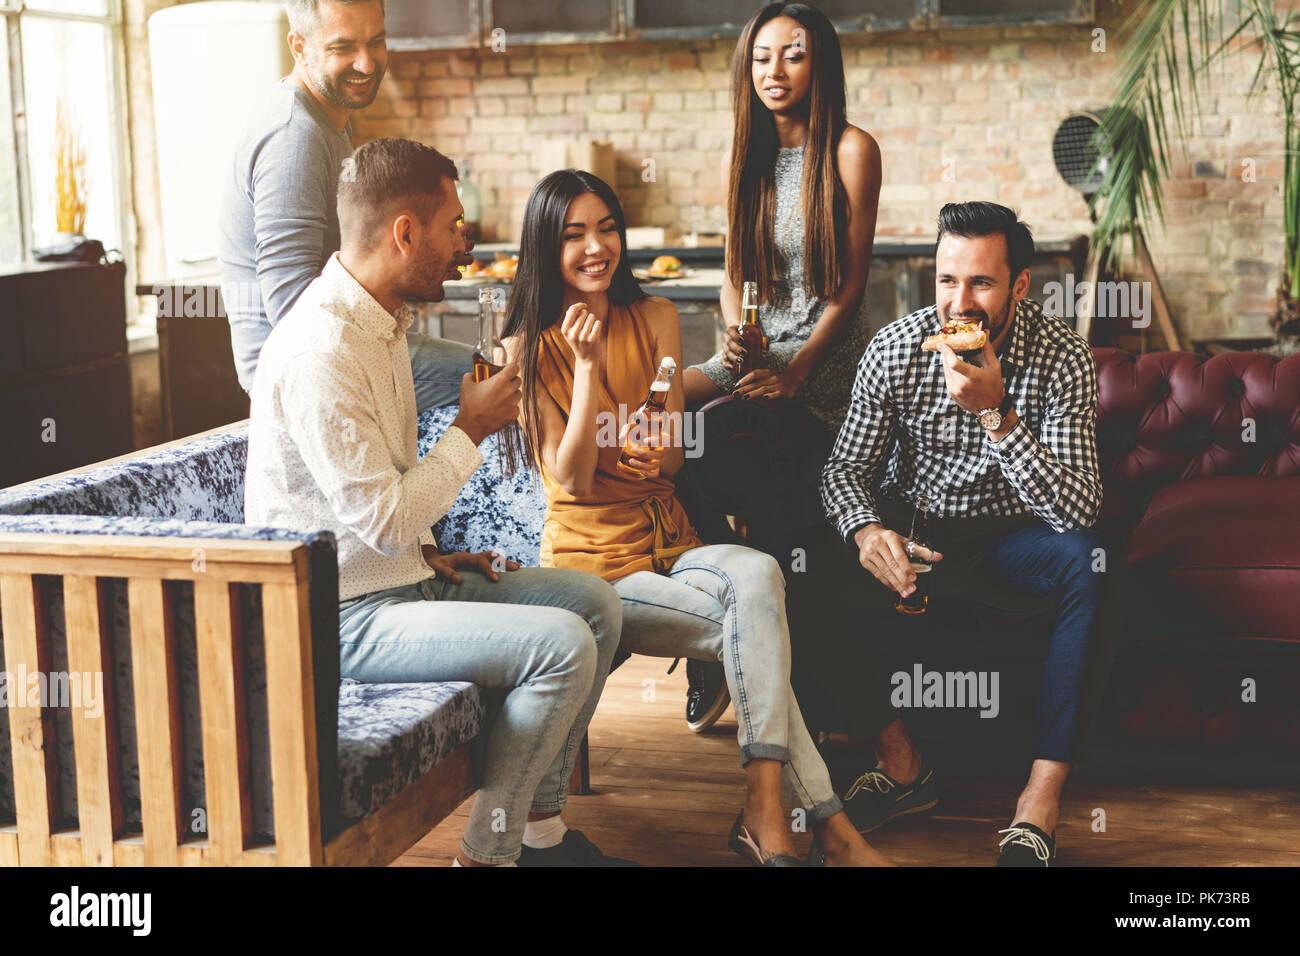 Pasar grandes momentos con los mejores amigos. Grupo de alegres jóvenes disfrutando de una comida y bebidas, mientras que el gasto en buen tiempo cofortable sillas en la cocina juntos. Imagen De Stock